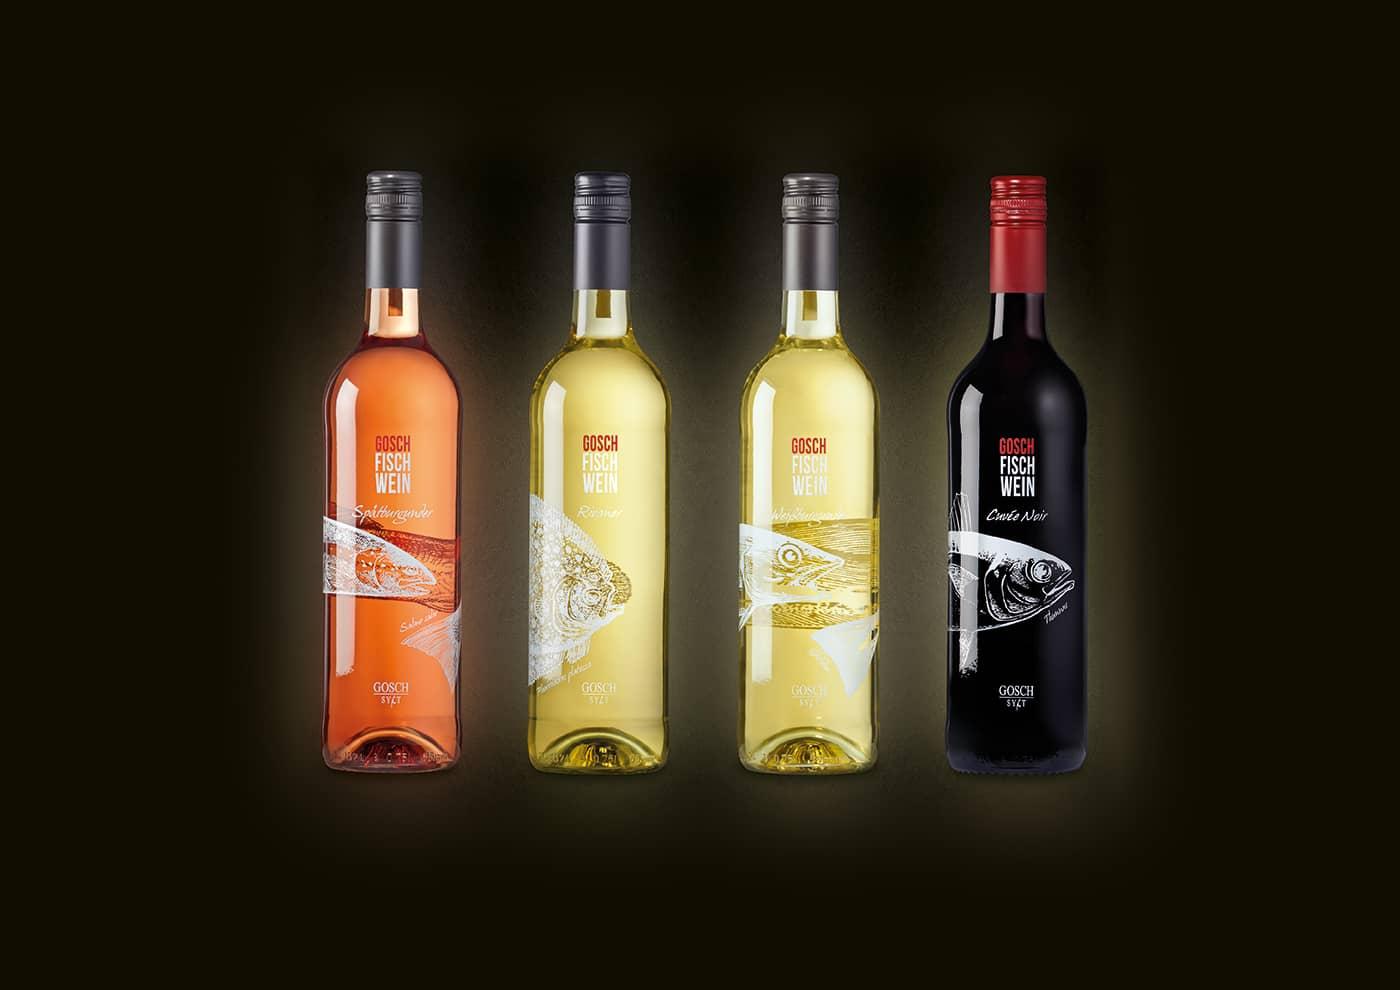 Markenentwicklung GOSCH-FISCH-WEINE: Flaschen-Design